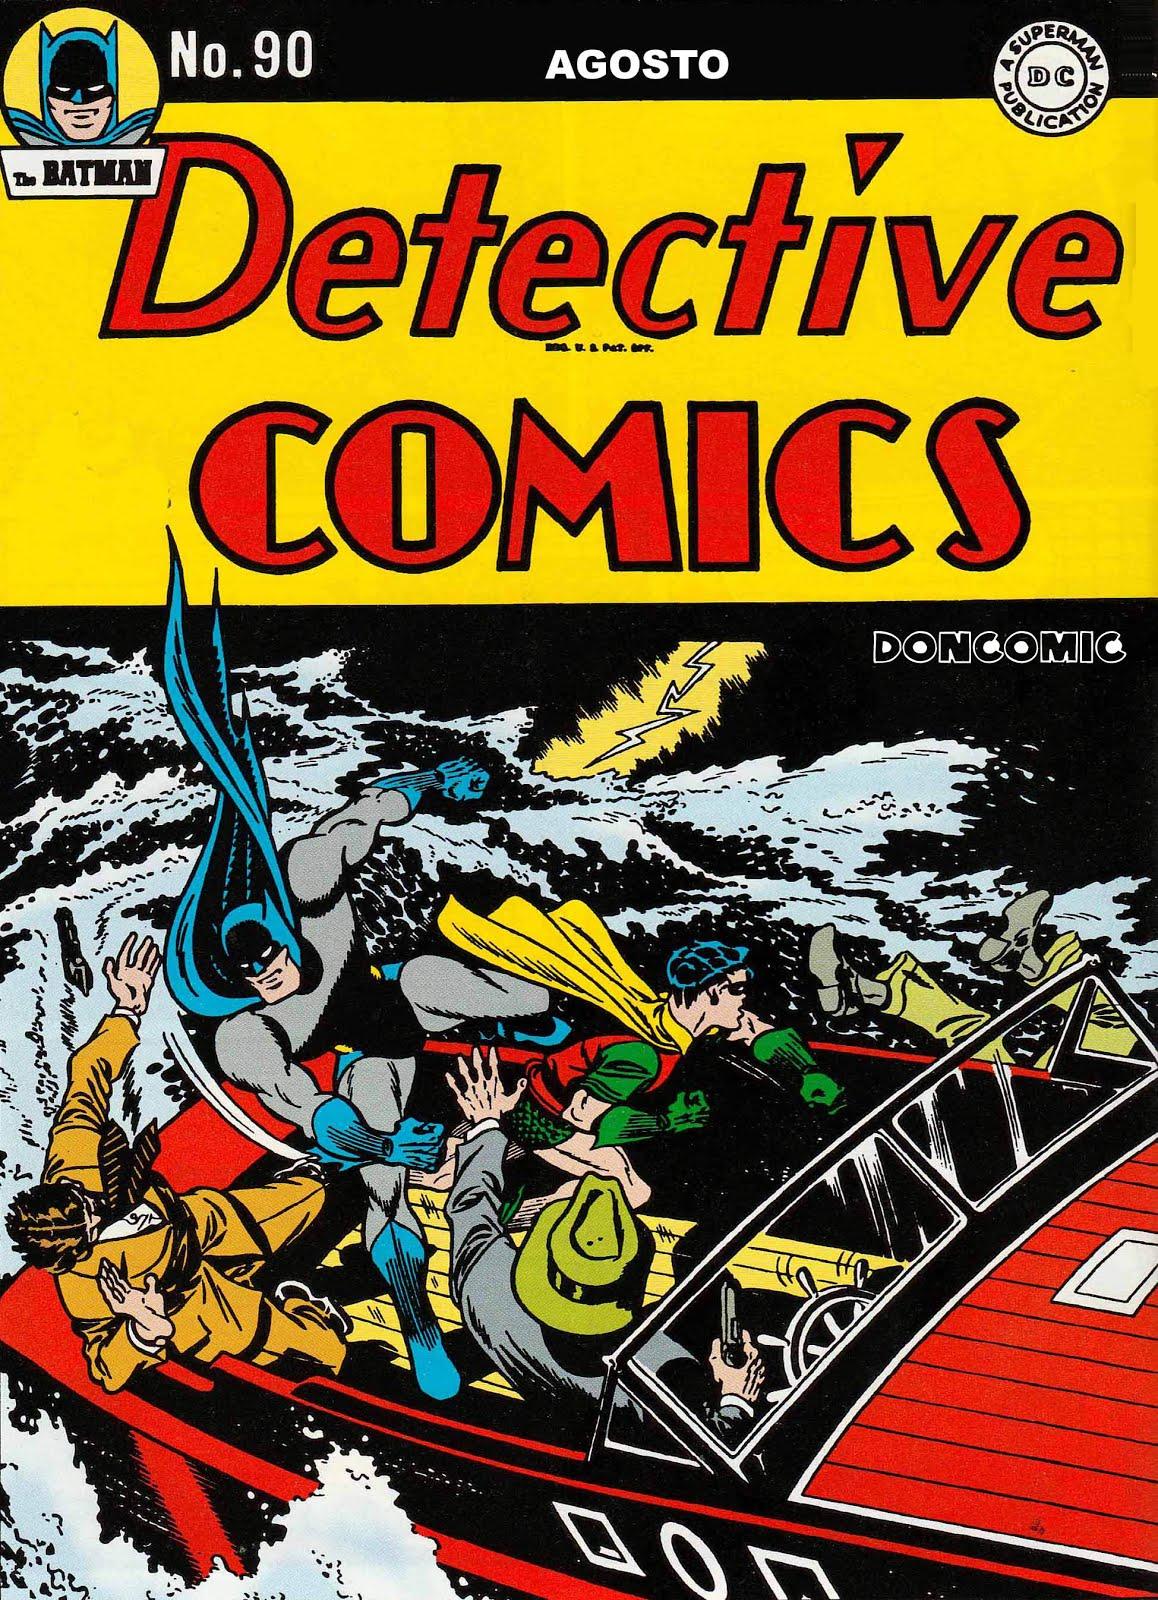 Detective Comics. Escaneos de Doncomic